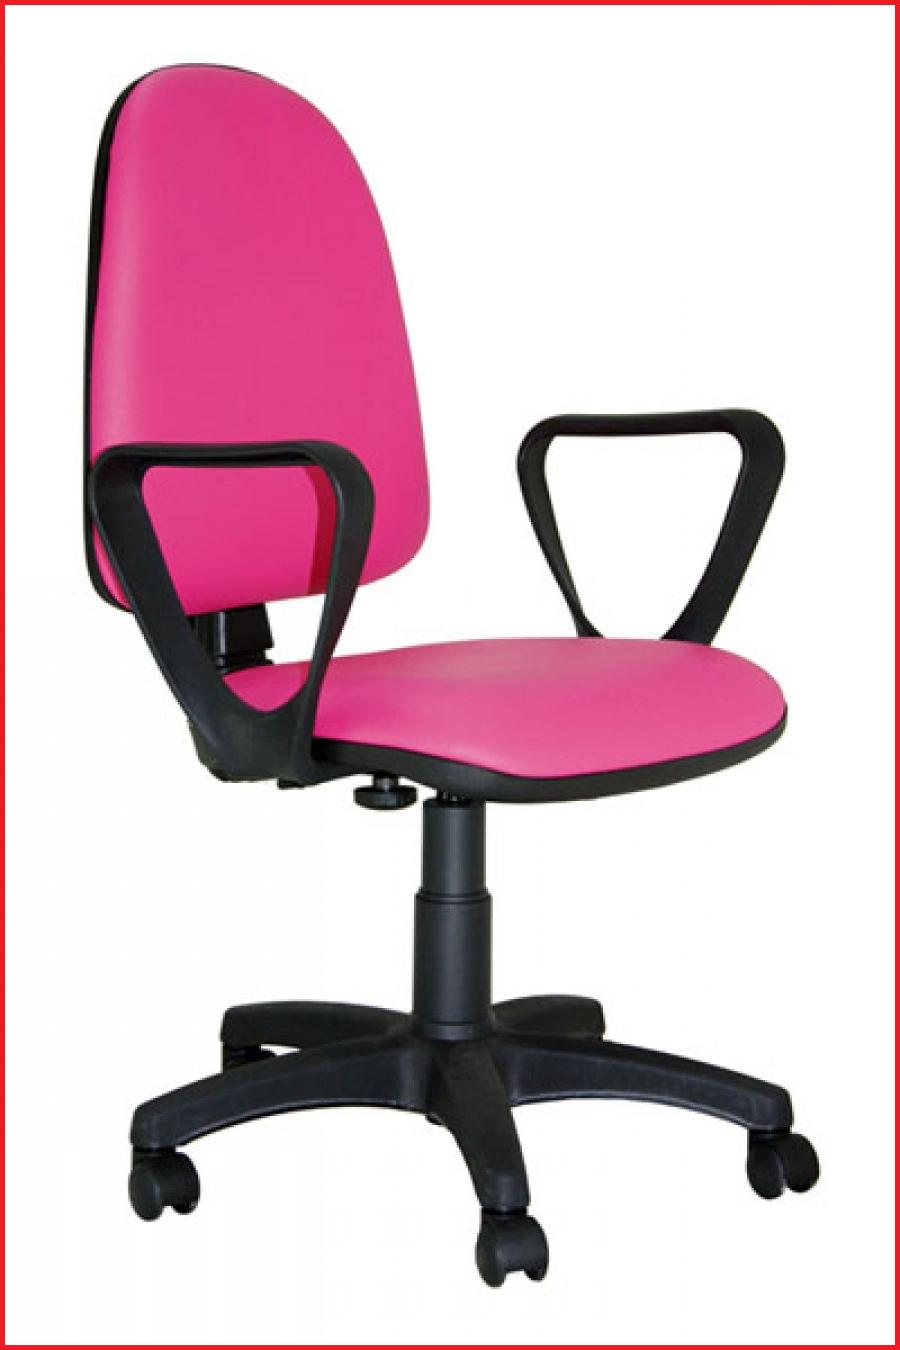 Sillas de escritorio baratas stunning silla oficina sena for Sillas para ordenador baratas